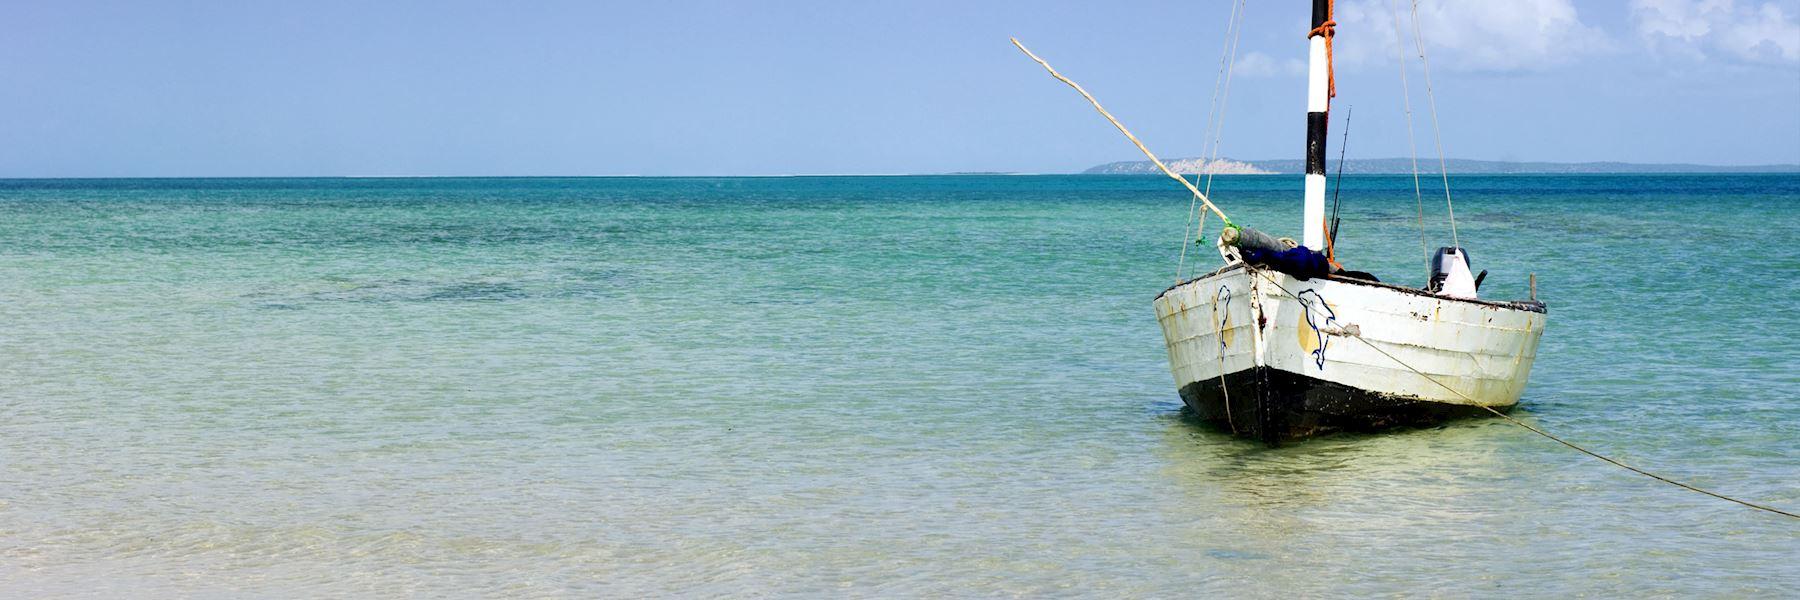 Visit Quirimbas Archipelago, Mozambique